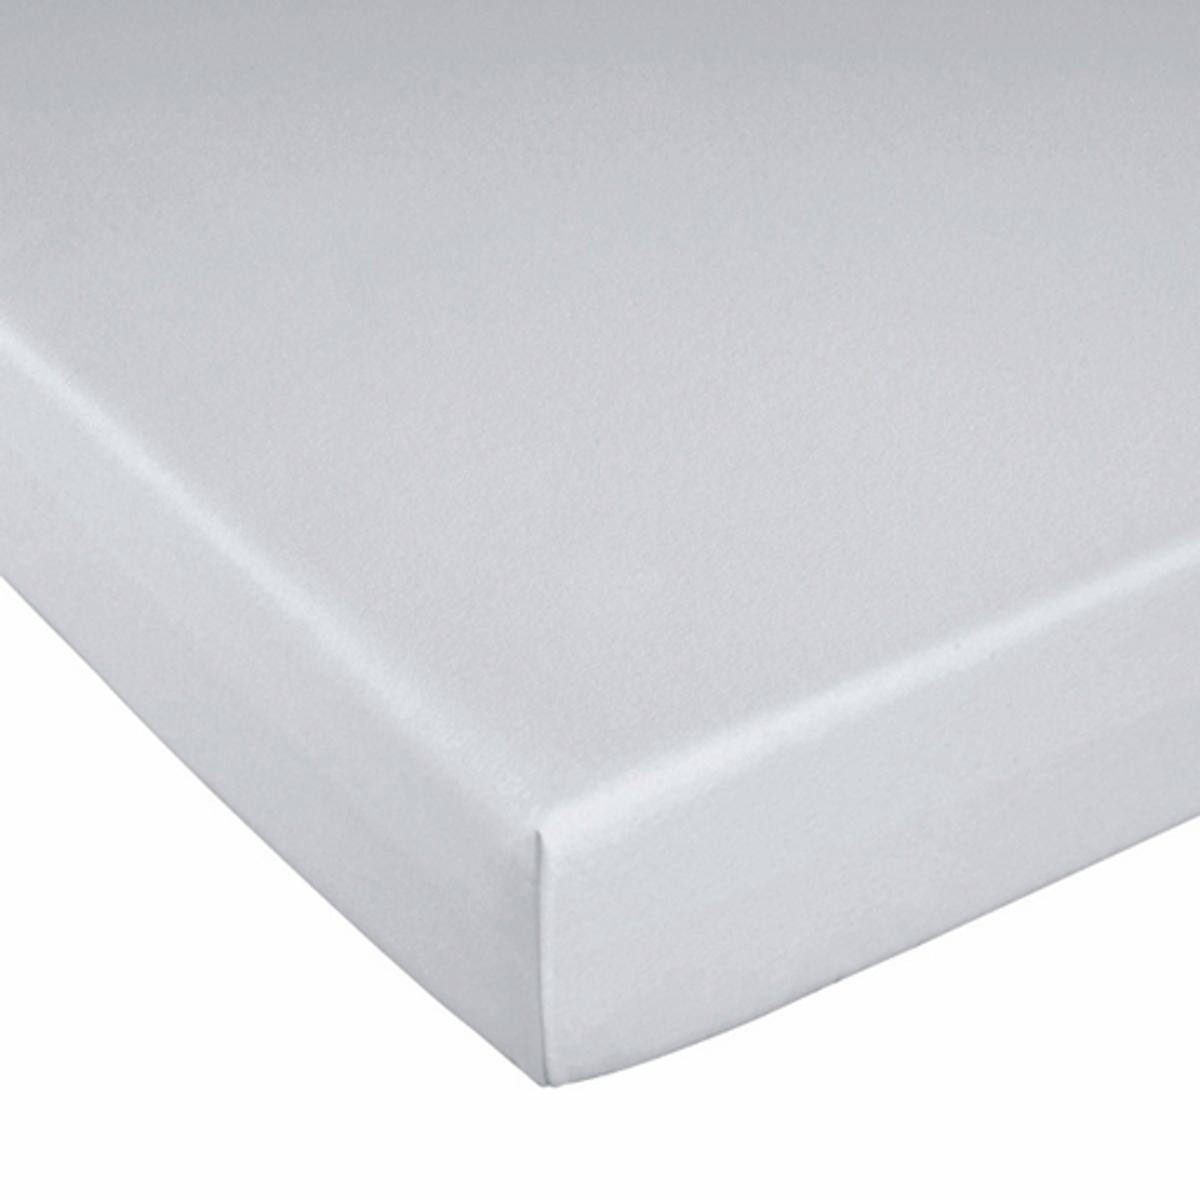 Простыня натяжная из джерси,  непромокаемый Тенсел, ЛиоцеллОписание натяжной простыни из джерси, (Тенсел, Лиоцелл):Эластичный клапан по всему периметруХарактеристики чехла для валика из джерси:- 100% тенсела® (лиоцелл) с водонепроницаемыми свойствами и слоем ПУ:- натуральное экологически чистое волокно, производимое из целлюлозы (древесины эвкалипта), материал  100% биоразлагаемый.- Микропористая структура, дышащие и абсорбирующие свойства.- Обработка Coolin® с двойным эффектом: впитывание влаги и длительное ощущение свежести.- Контроль температуры тела во время сна. - Мягкость, легкость, прочность и бесшумность материала.- Экологичный, биоразлагаемый и легкий в уходе материал.- Машинная стирка при температуре до 60°. Размеры натяжной простыни из джерси, Лиоцелл:60 x 120: для детской кровати80 x 200 см. : 1-сп90 x 190 см : 1-сп90 x 200 см : 1-сп120 x 190 см : 1-сп140 x 190 см : ?2-сп.140 x 200 см : ?2-сп.160 x 200 см : ?2-сп.180 x 200 см : ?2-сп.<br><br>Цвет: белый<br>Размер: 180 x 200 см